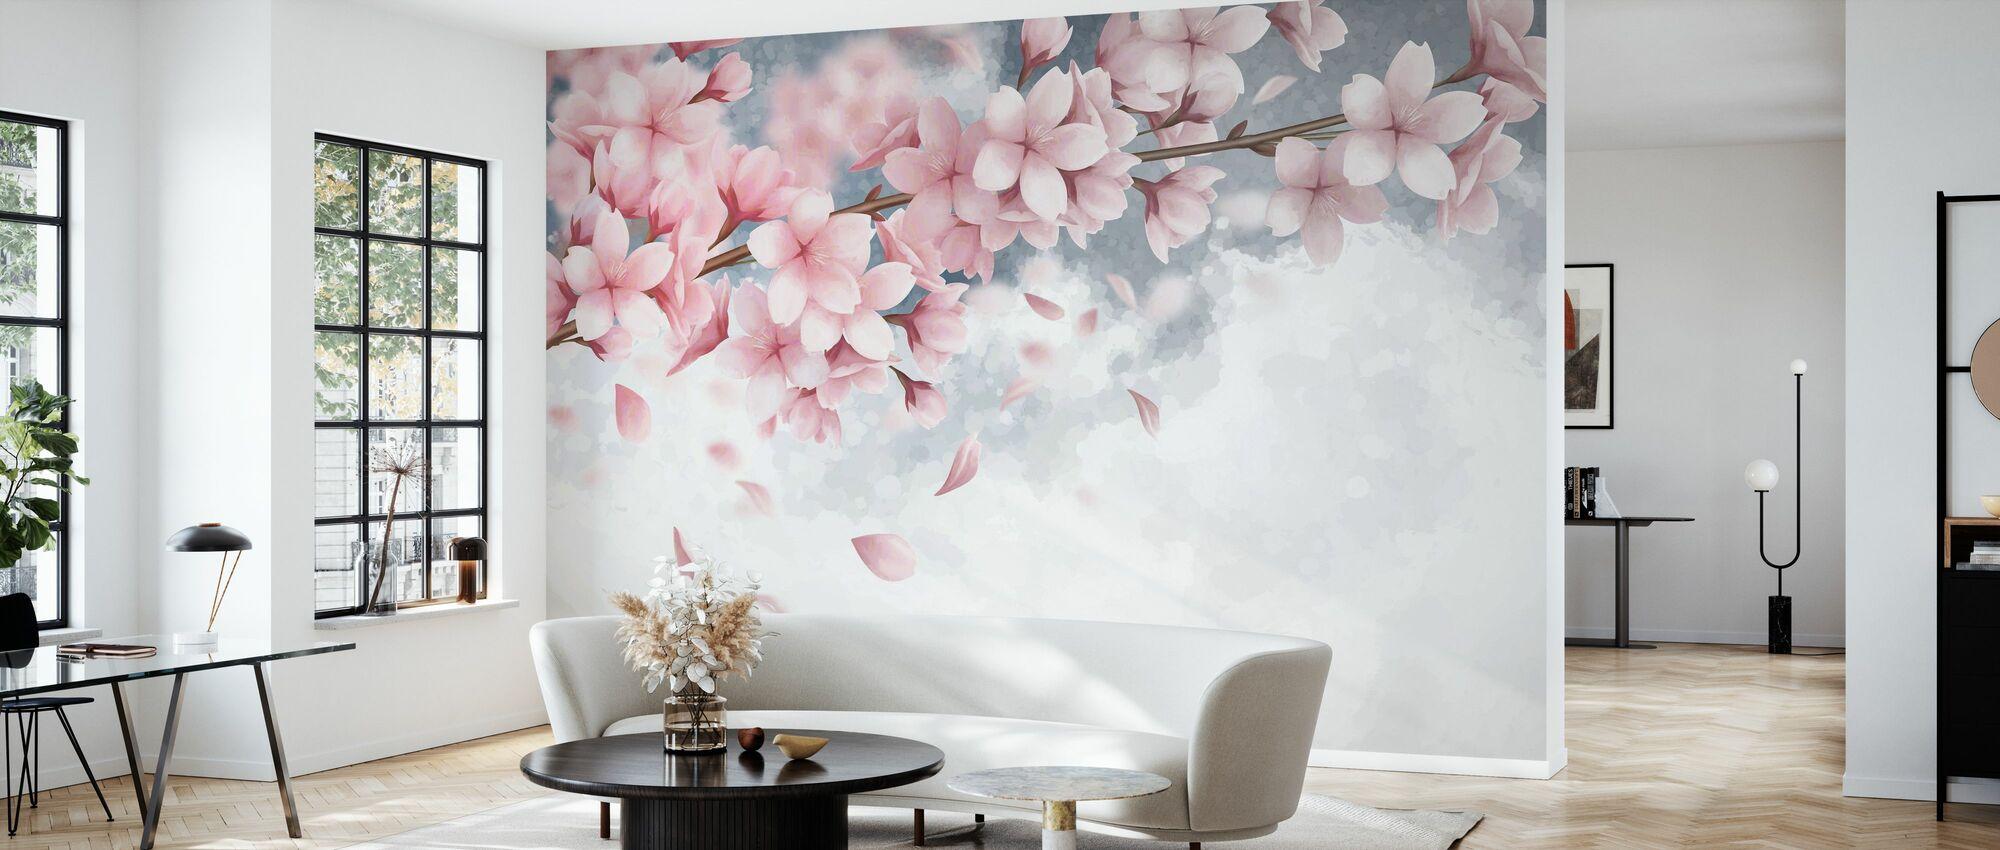 Sakura Bloom - Wallpaper - Living Room